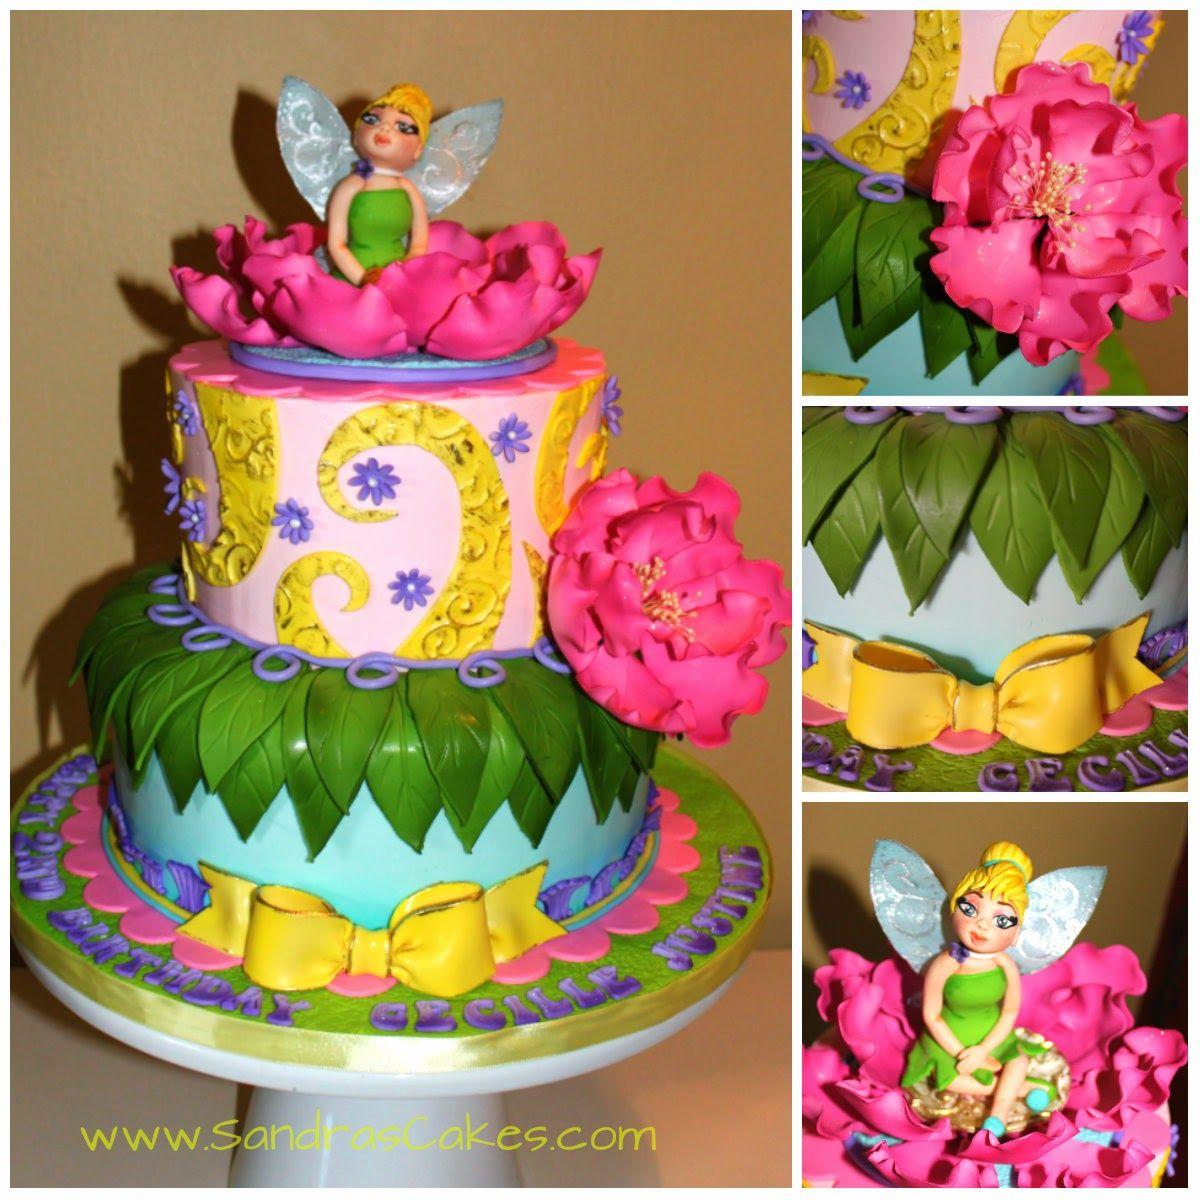 Sandras Cakes Tinkerbell themed birthday cake cakes Pinterest